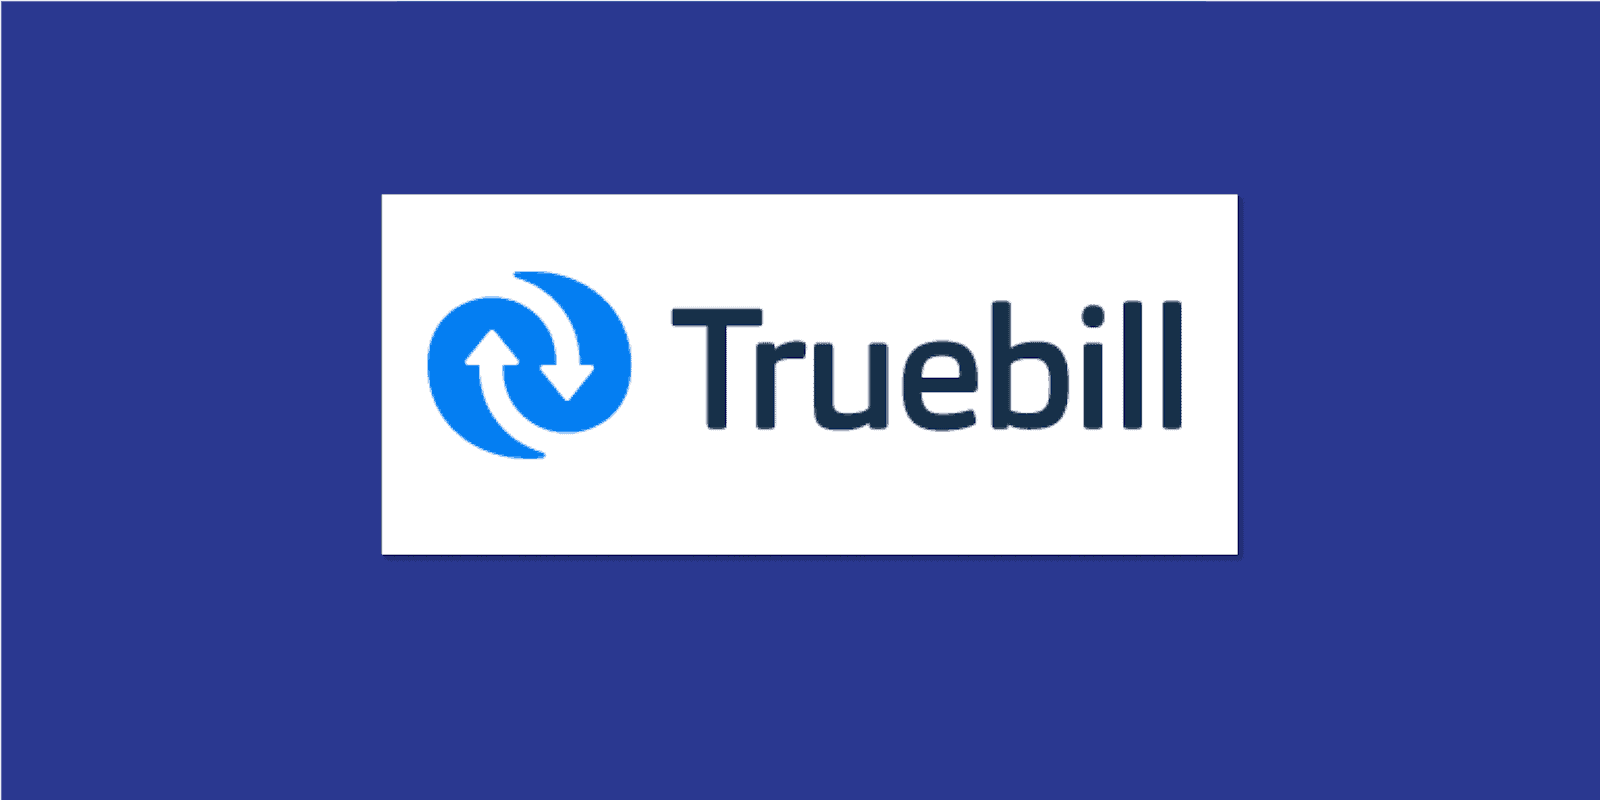 Truebill Review - Feature